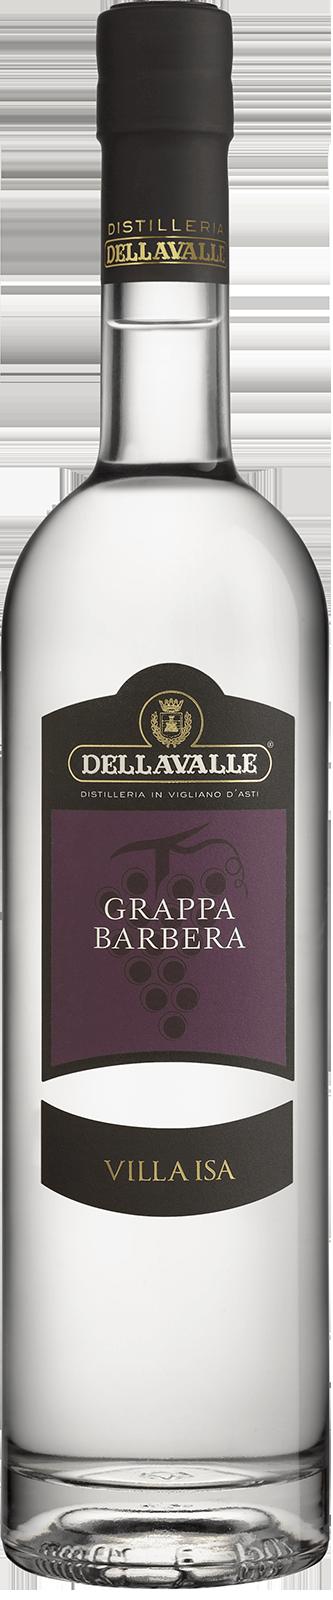 NV-Villa Isa Grappa di Barbera